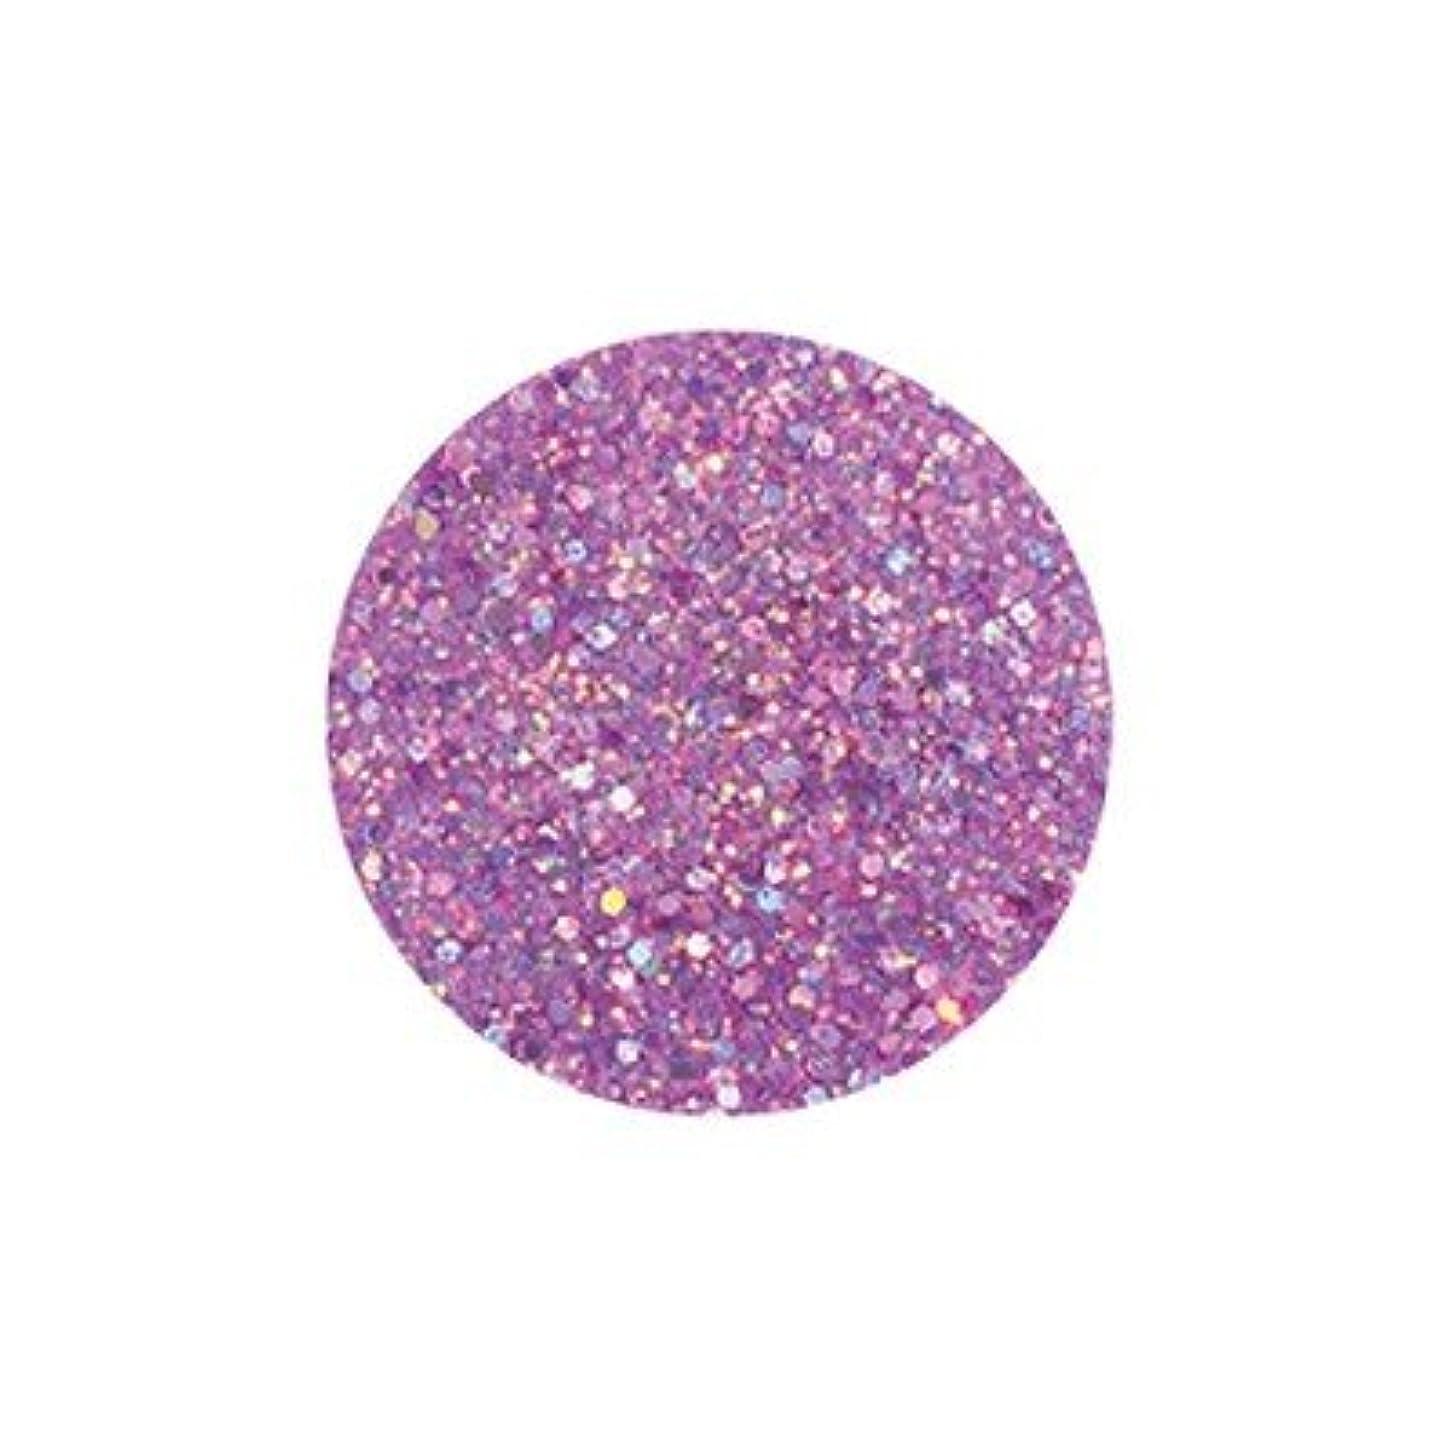 敬礼さようなら葬儀FANTASY NAIL ダイヤモンドコレクション 3g 4258XS カラーパウダー アート材